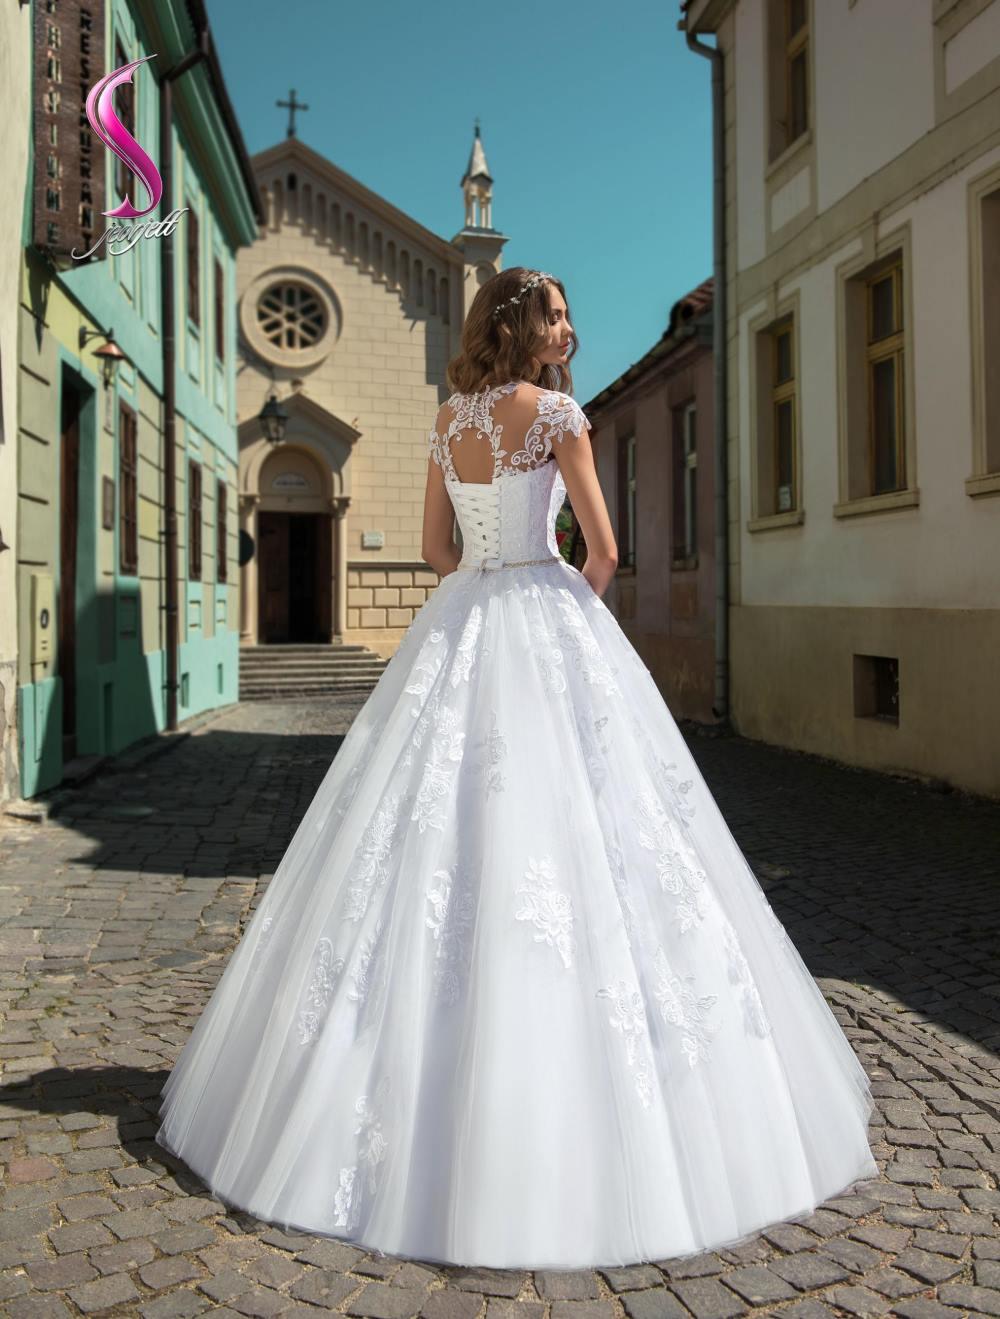 c2658a80346 Свадебное платье Шаганэ - купить свадебные платья в Санкт-Петербурге